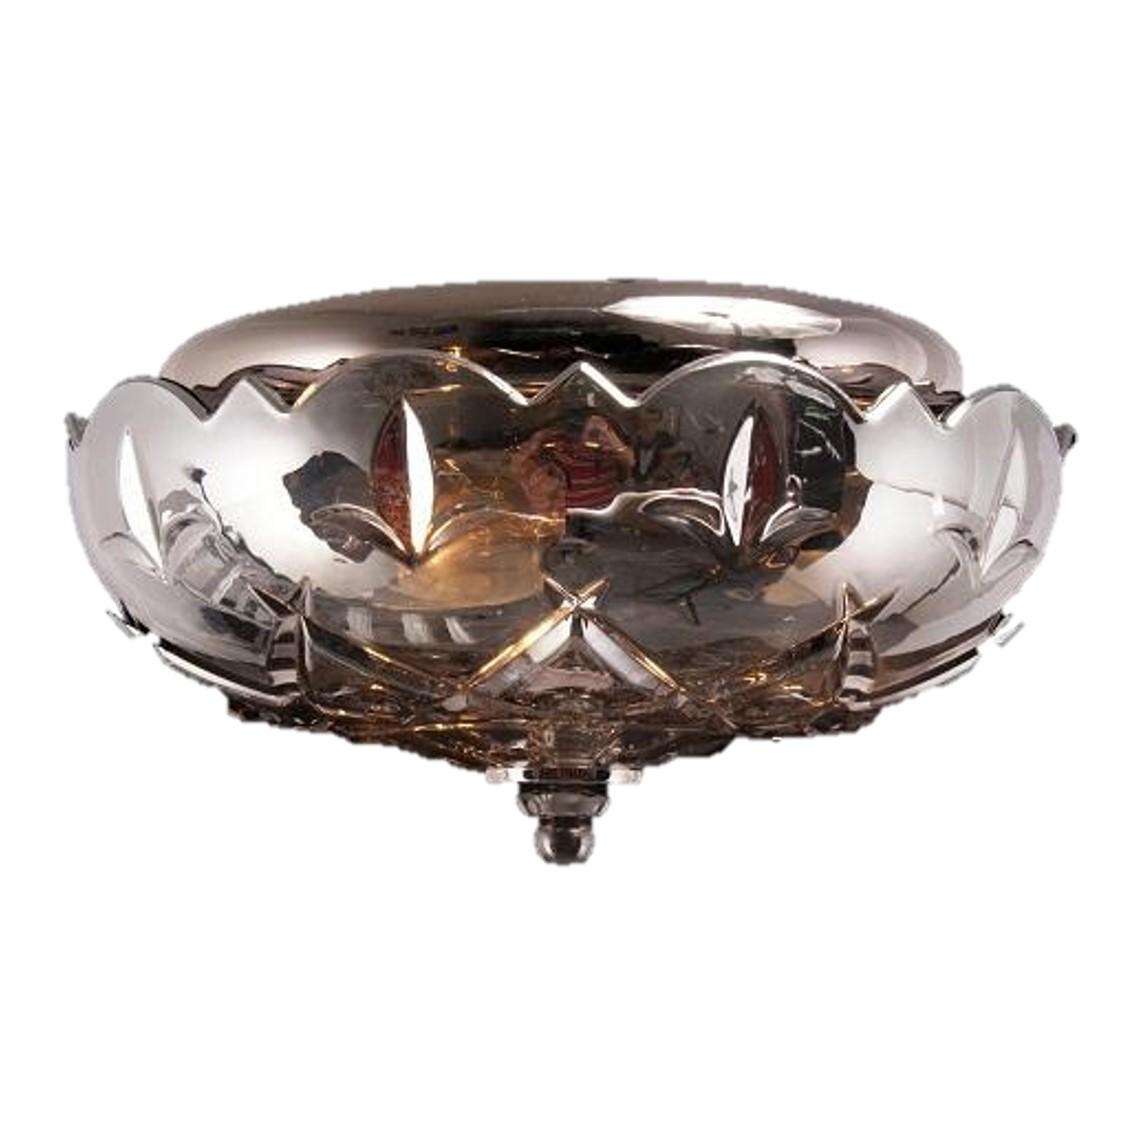 -TTSC630167-25CM-Spade Crystal/ Brown Ceiling